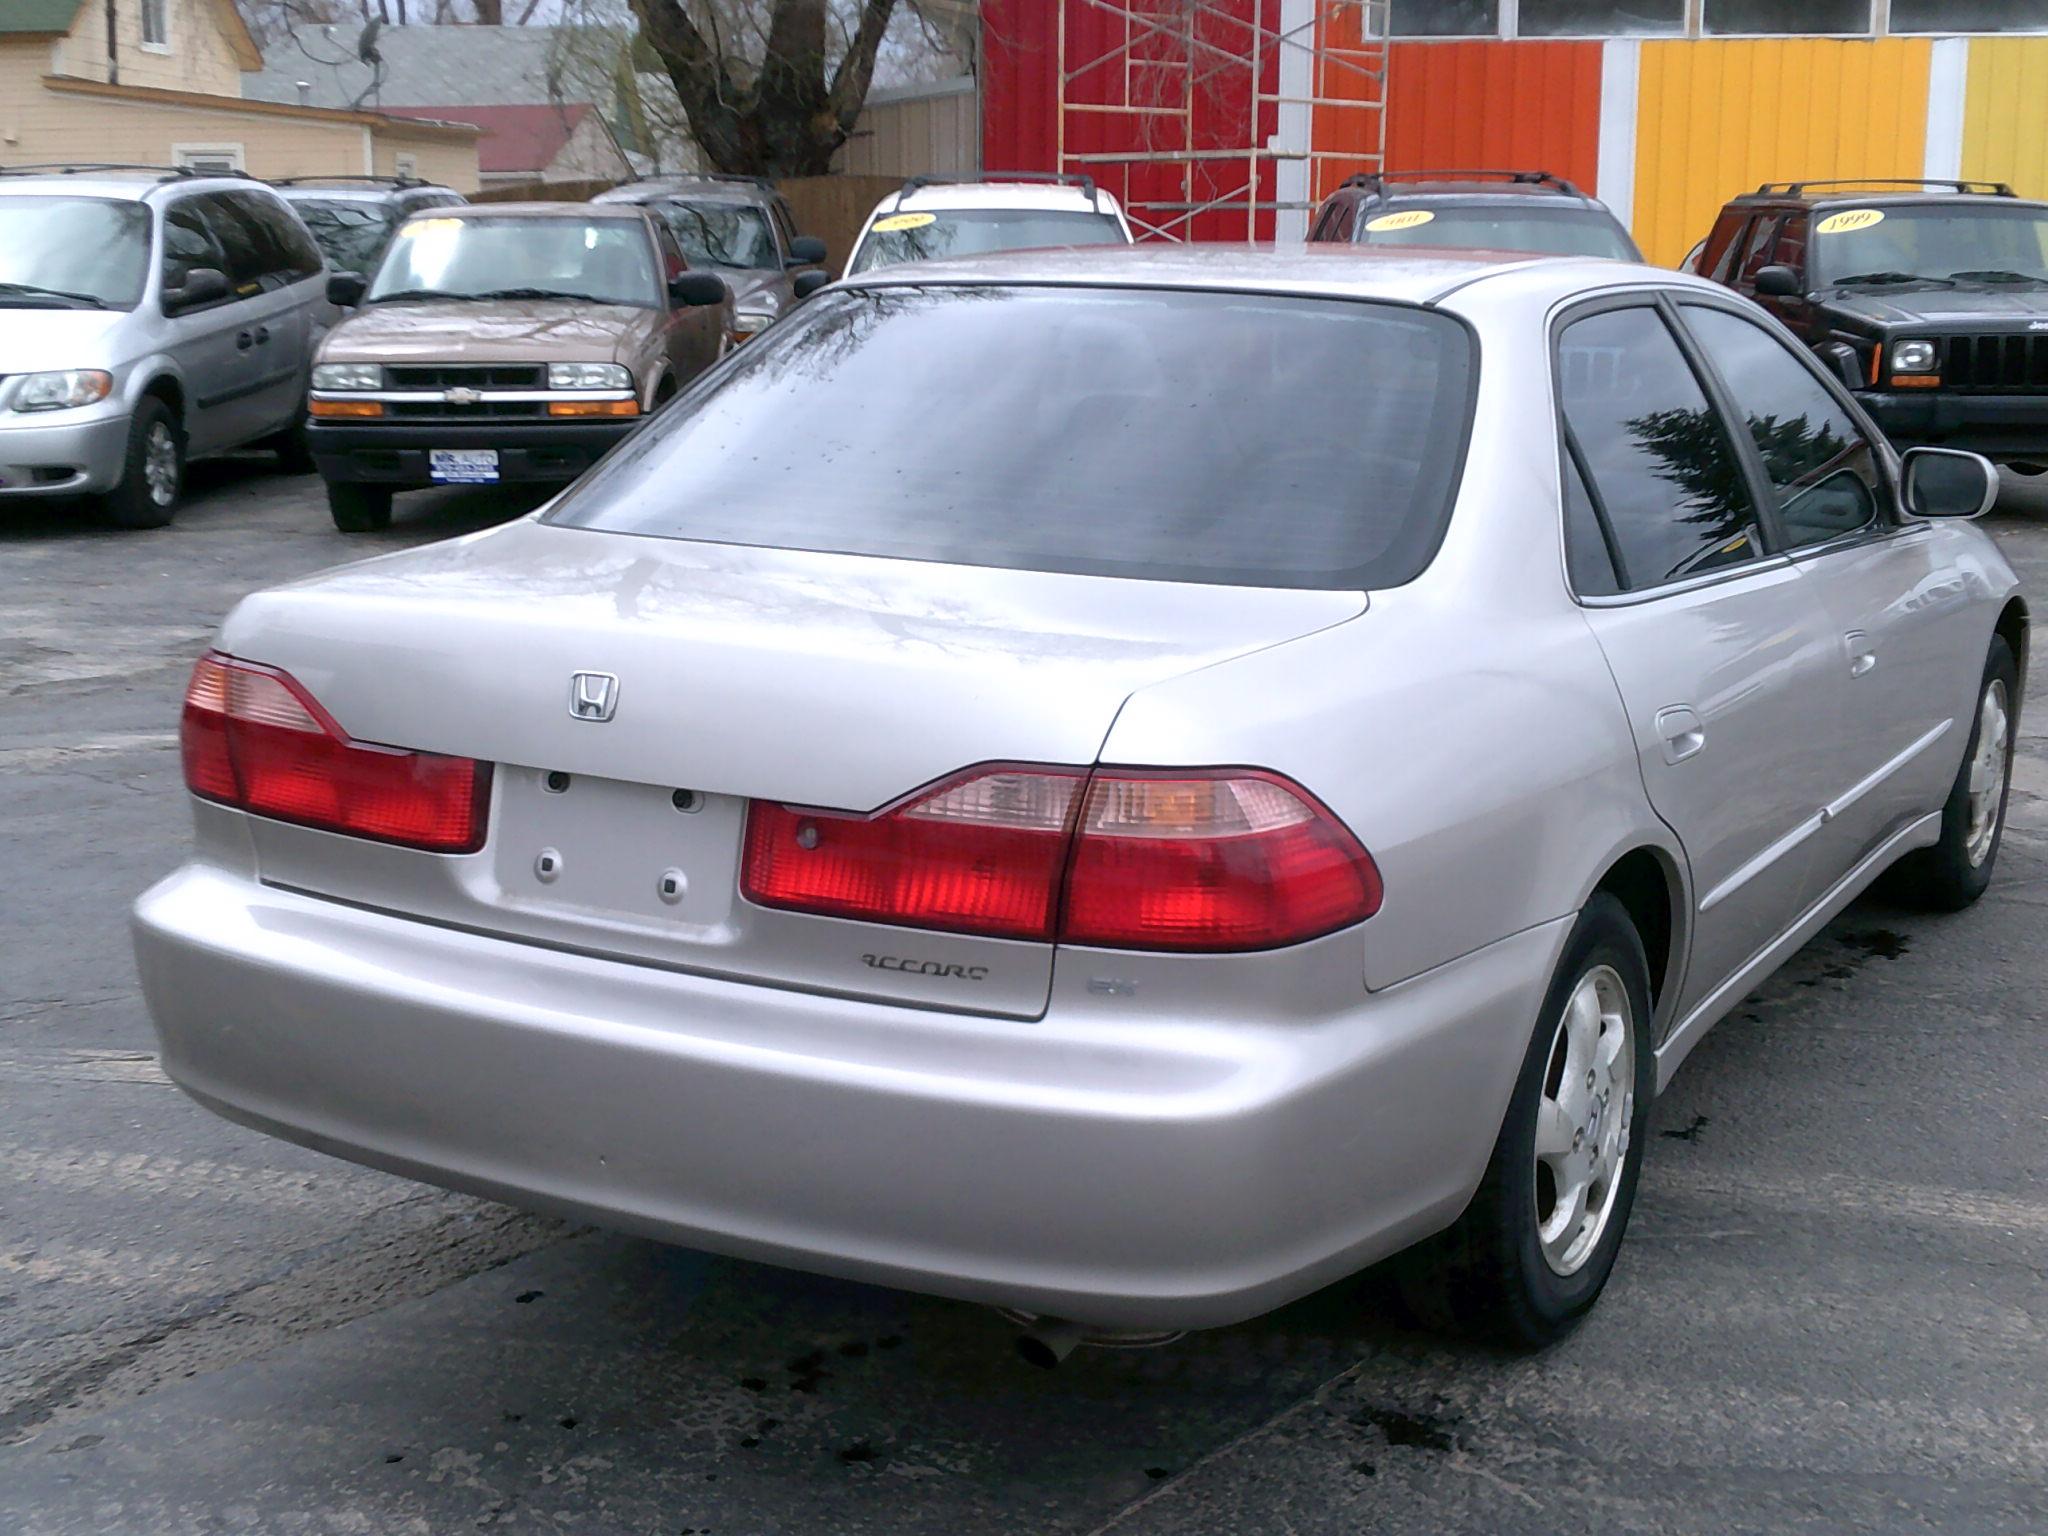 98 accord ex rear view 98 accord ex rear view mr auto